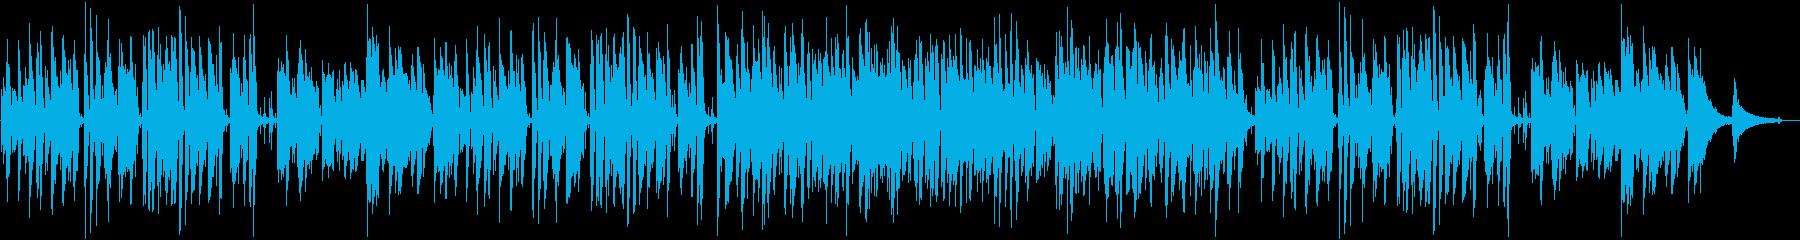 軽快ピアノトリオ 映像シーン ウキウキ感の再生済みの波形